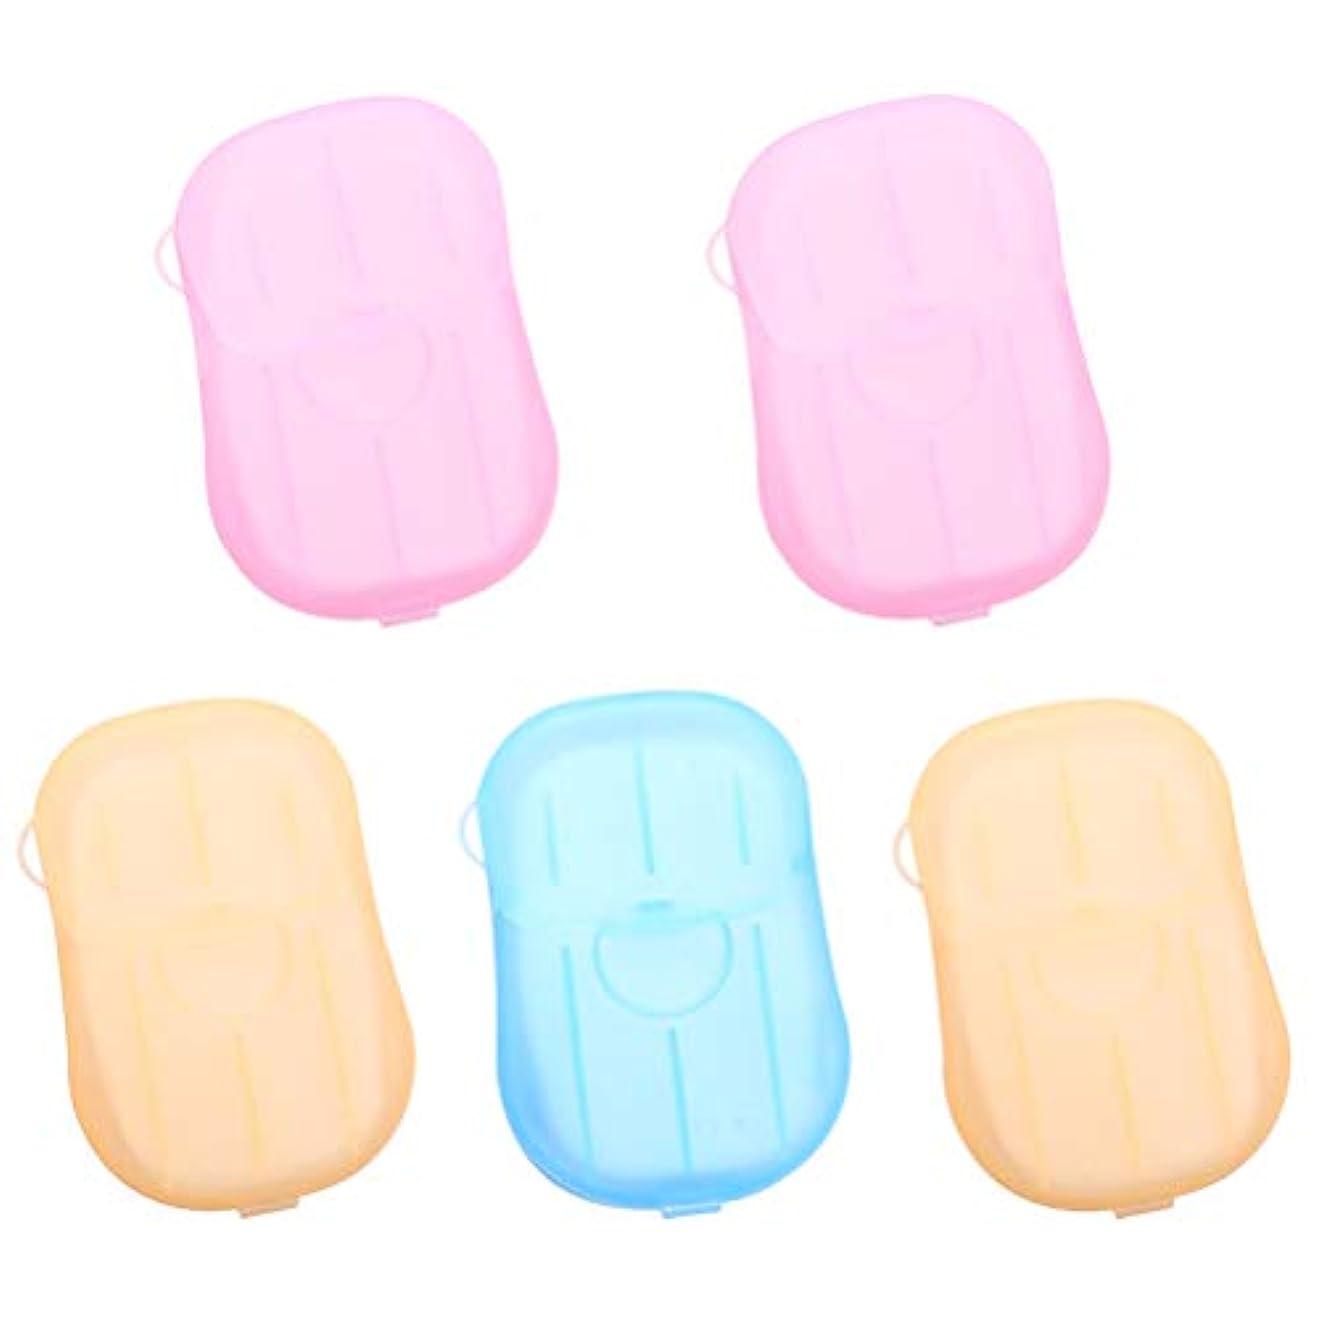 Healifty ポータブルディスポーザブルクリーニングペーパーソープフレークソープボックス5個付き(1 *ブルー+2 *ピンク+2 *イエロー)